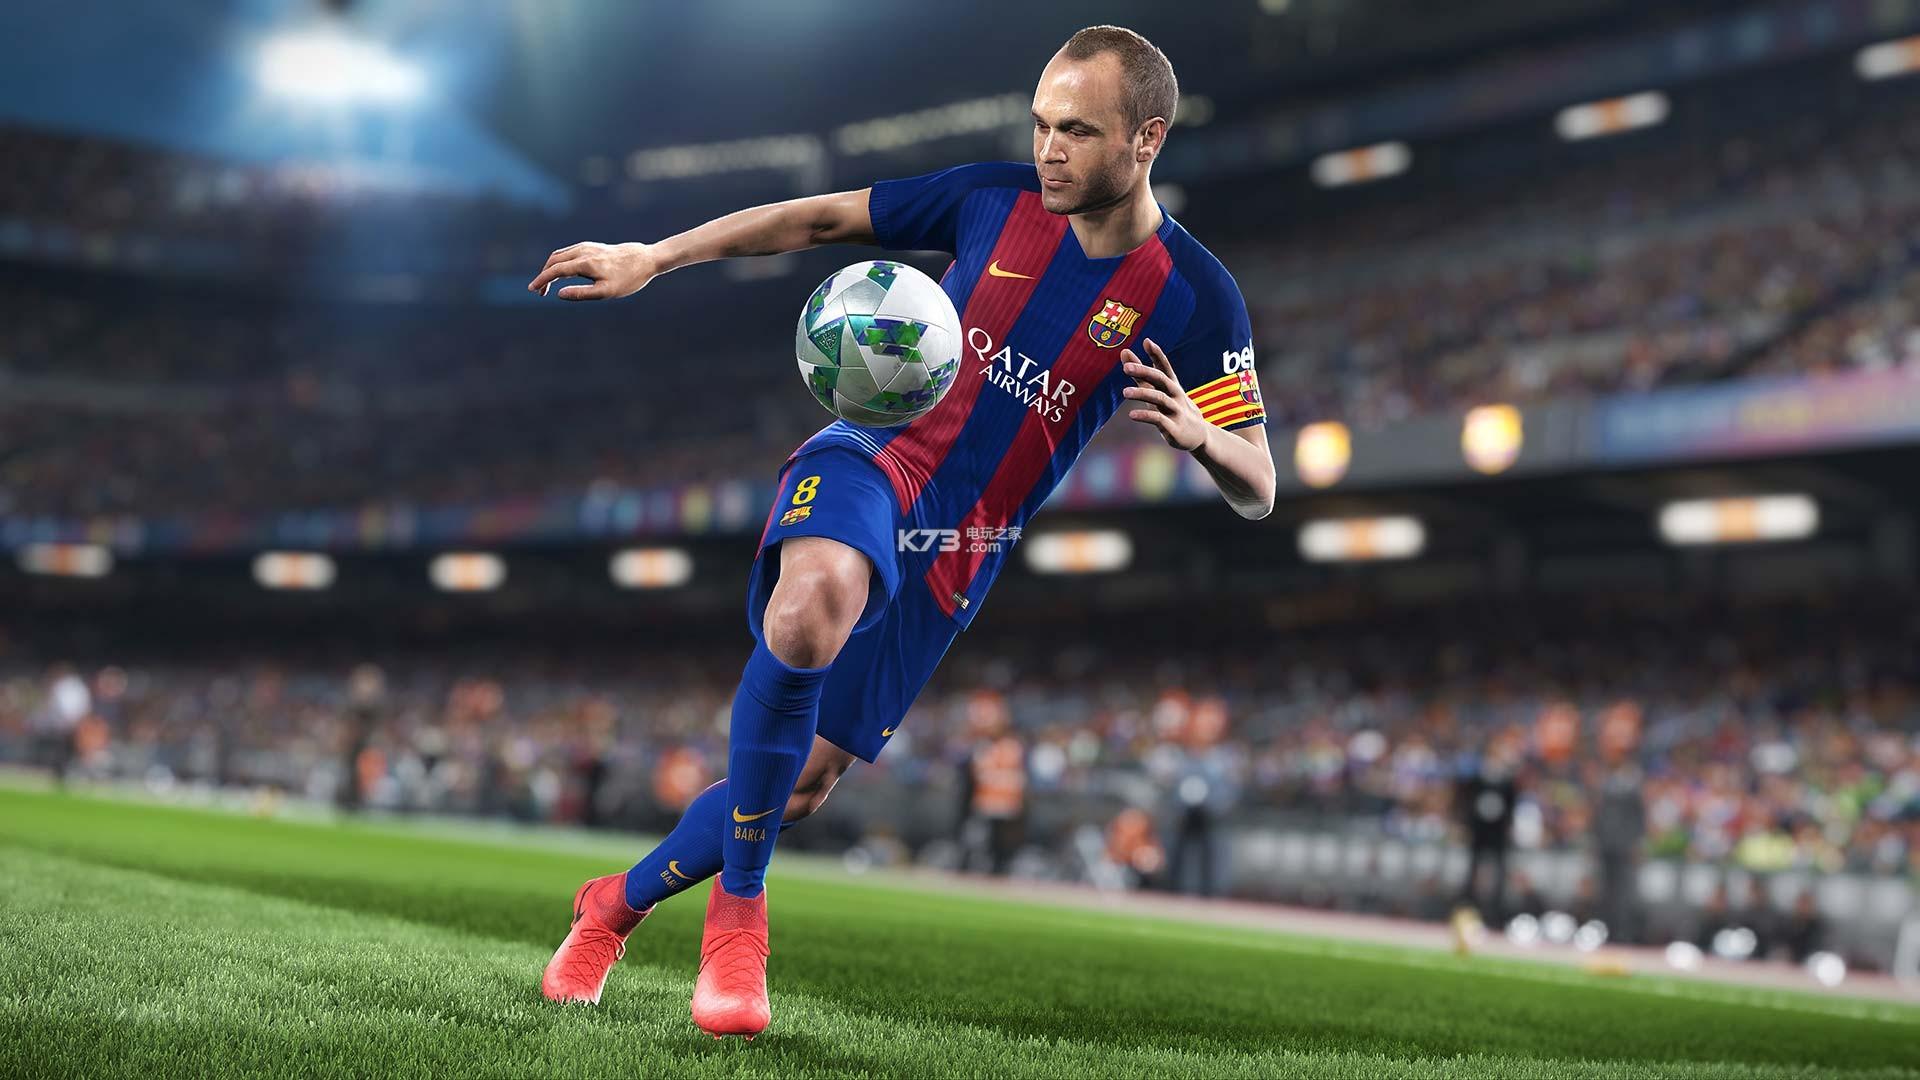 《实况足球2018》开放预购 9月14日发售